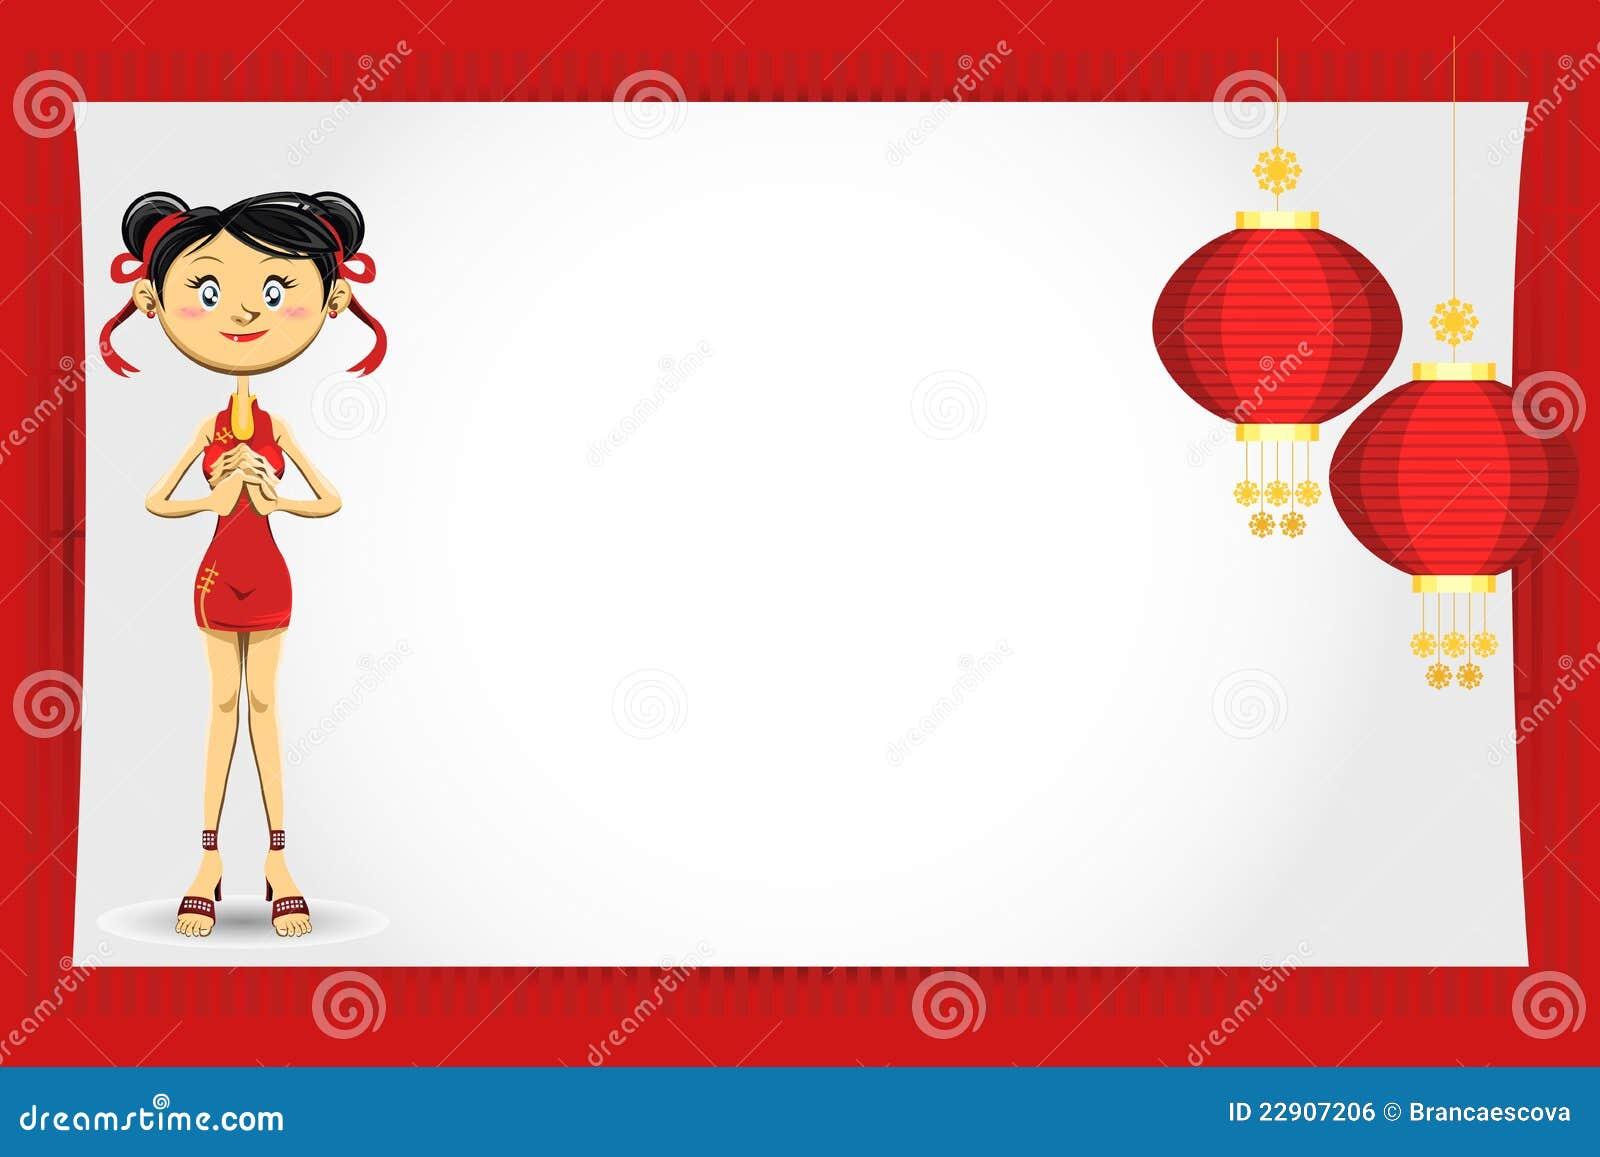 看板卡中国女孩招呼的新年度